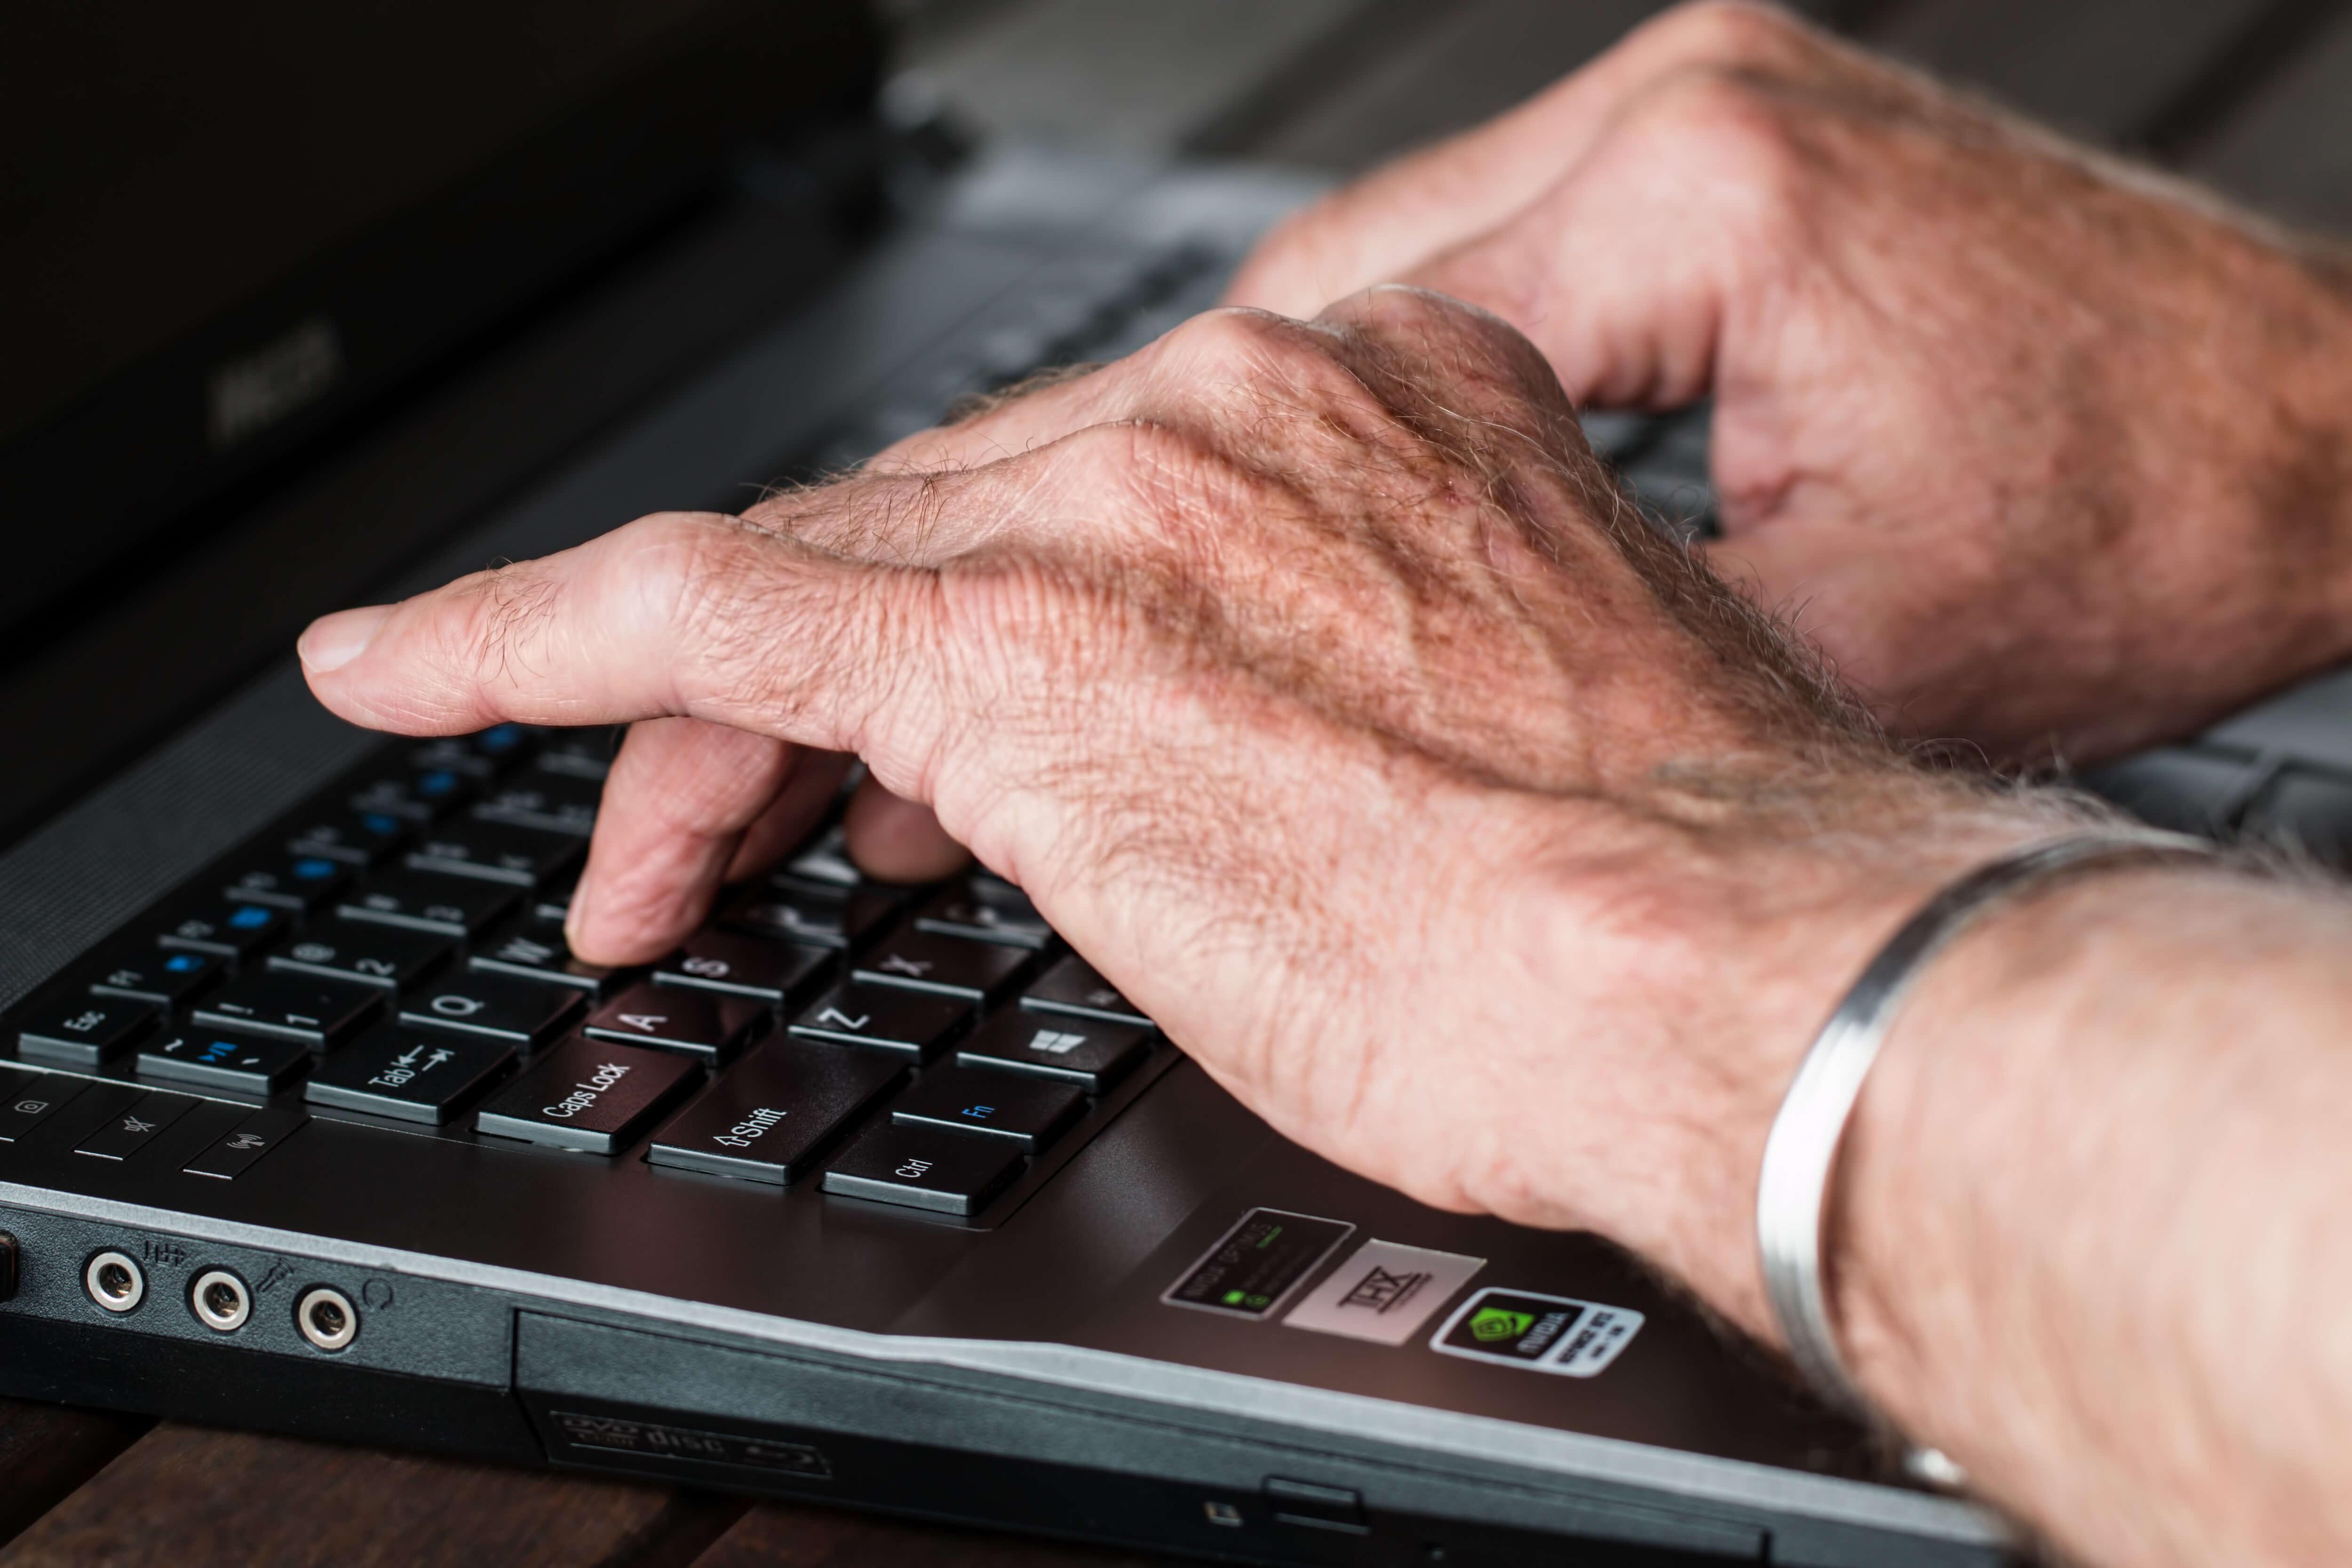 ¿Cómo recibir la pensión en una cuenta bancaria?